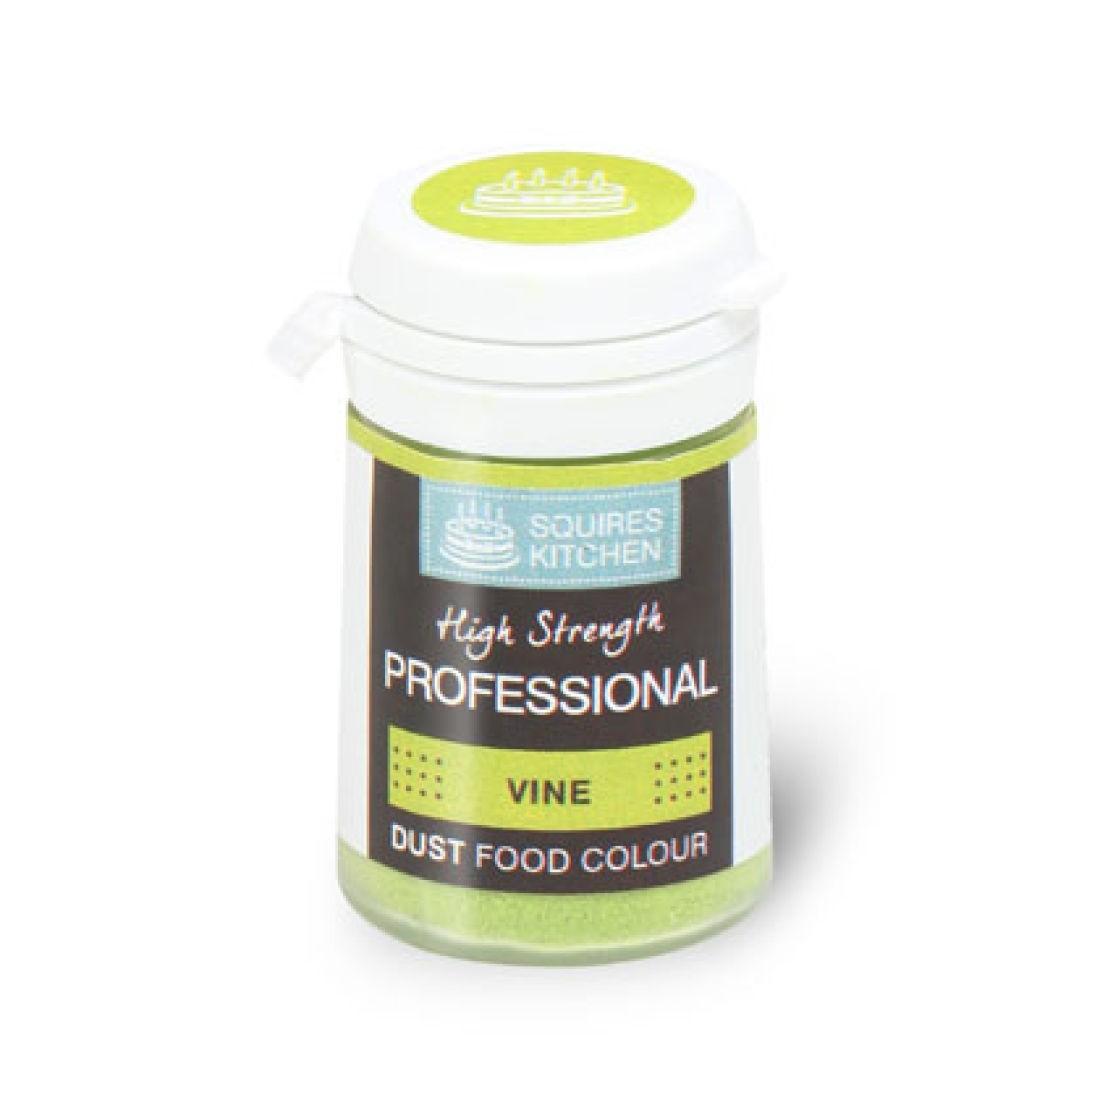 SK Professional Dust Food Colour Vine